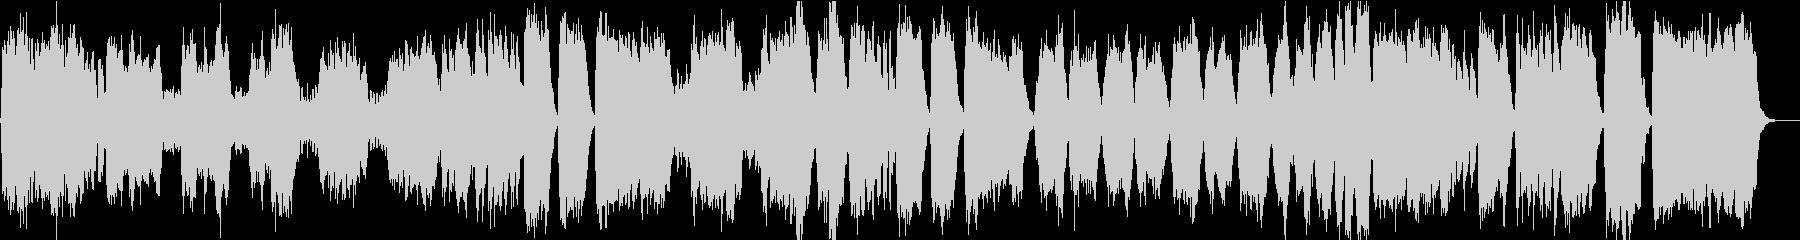 「ラ・ペリ」荘厳な式典向きファンファーレの未再生の波形